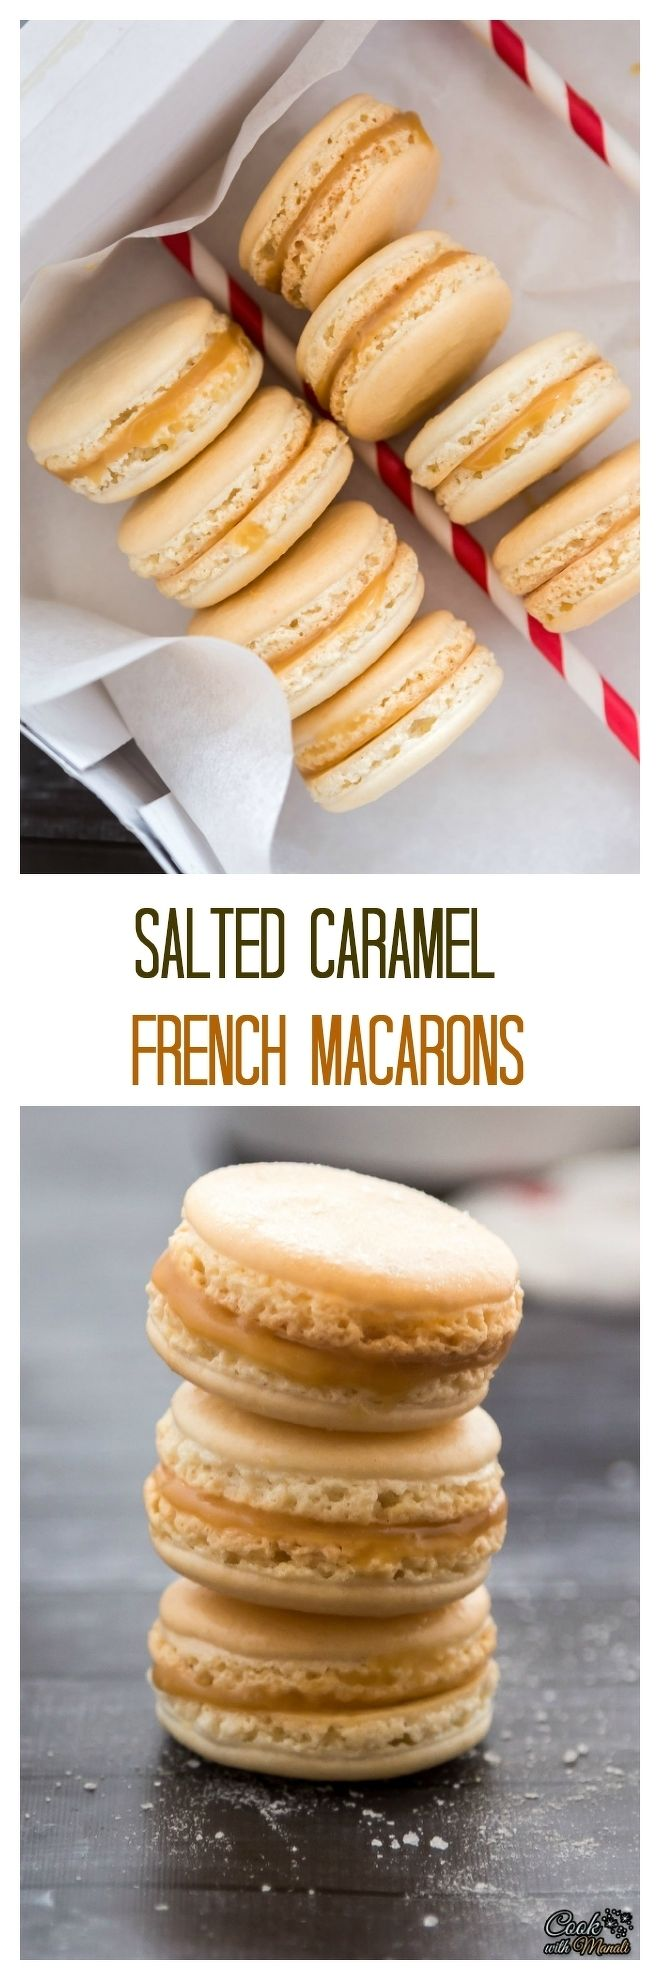 Salted Caramel Macarons Collage-nocwm